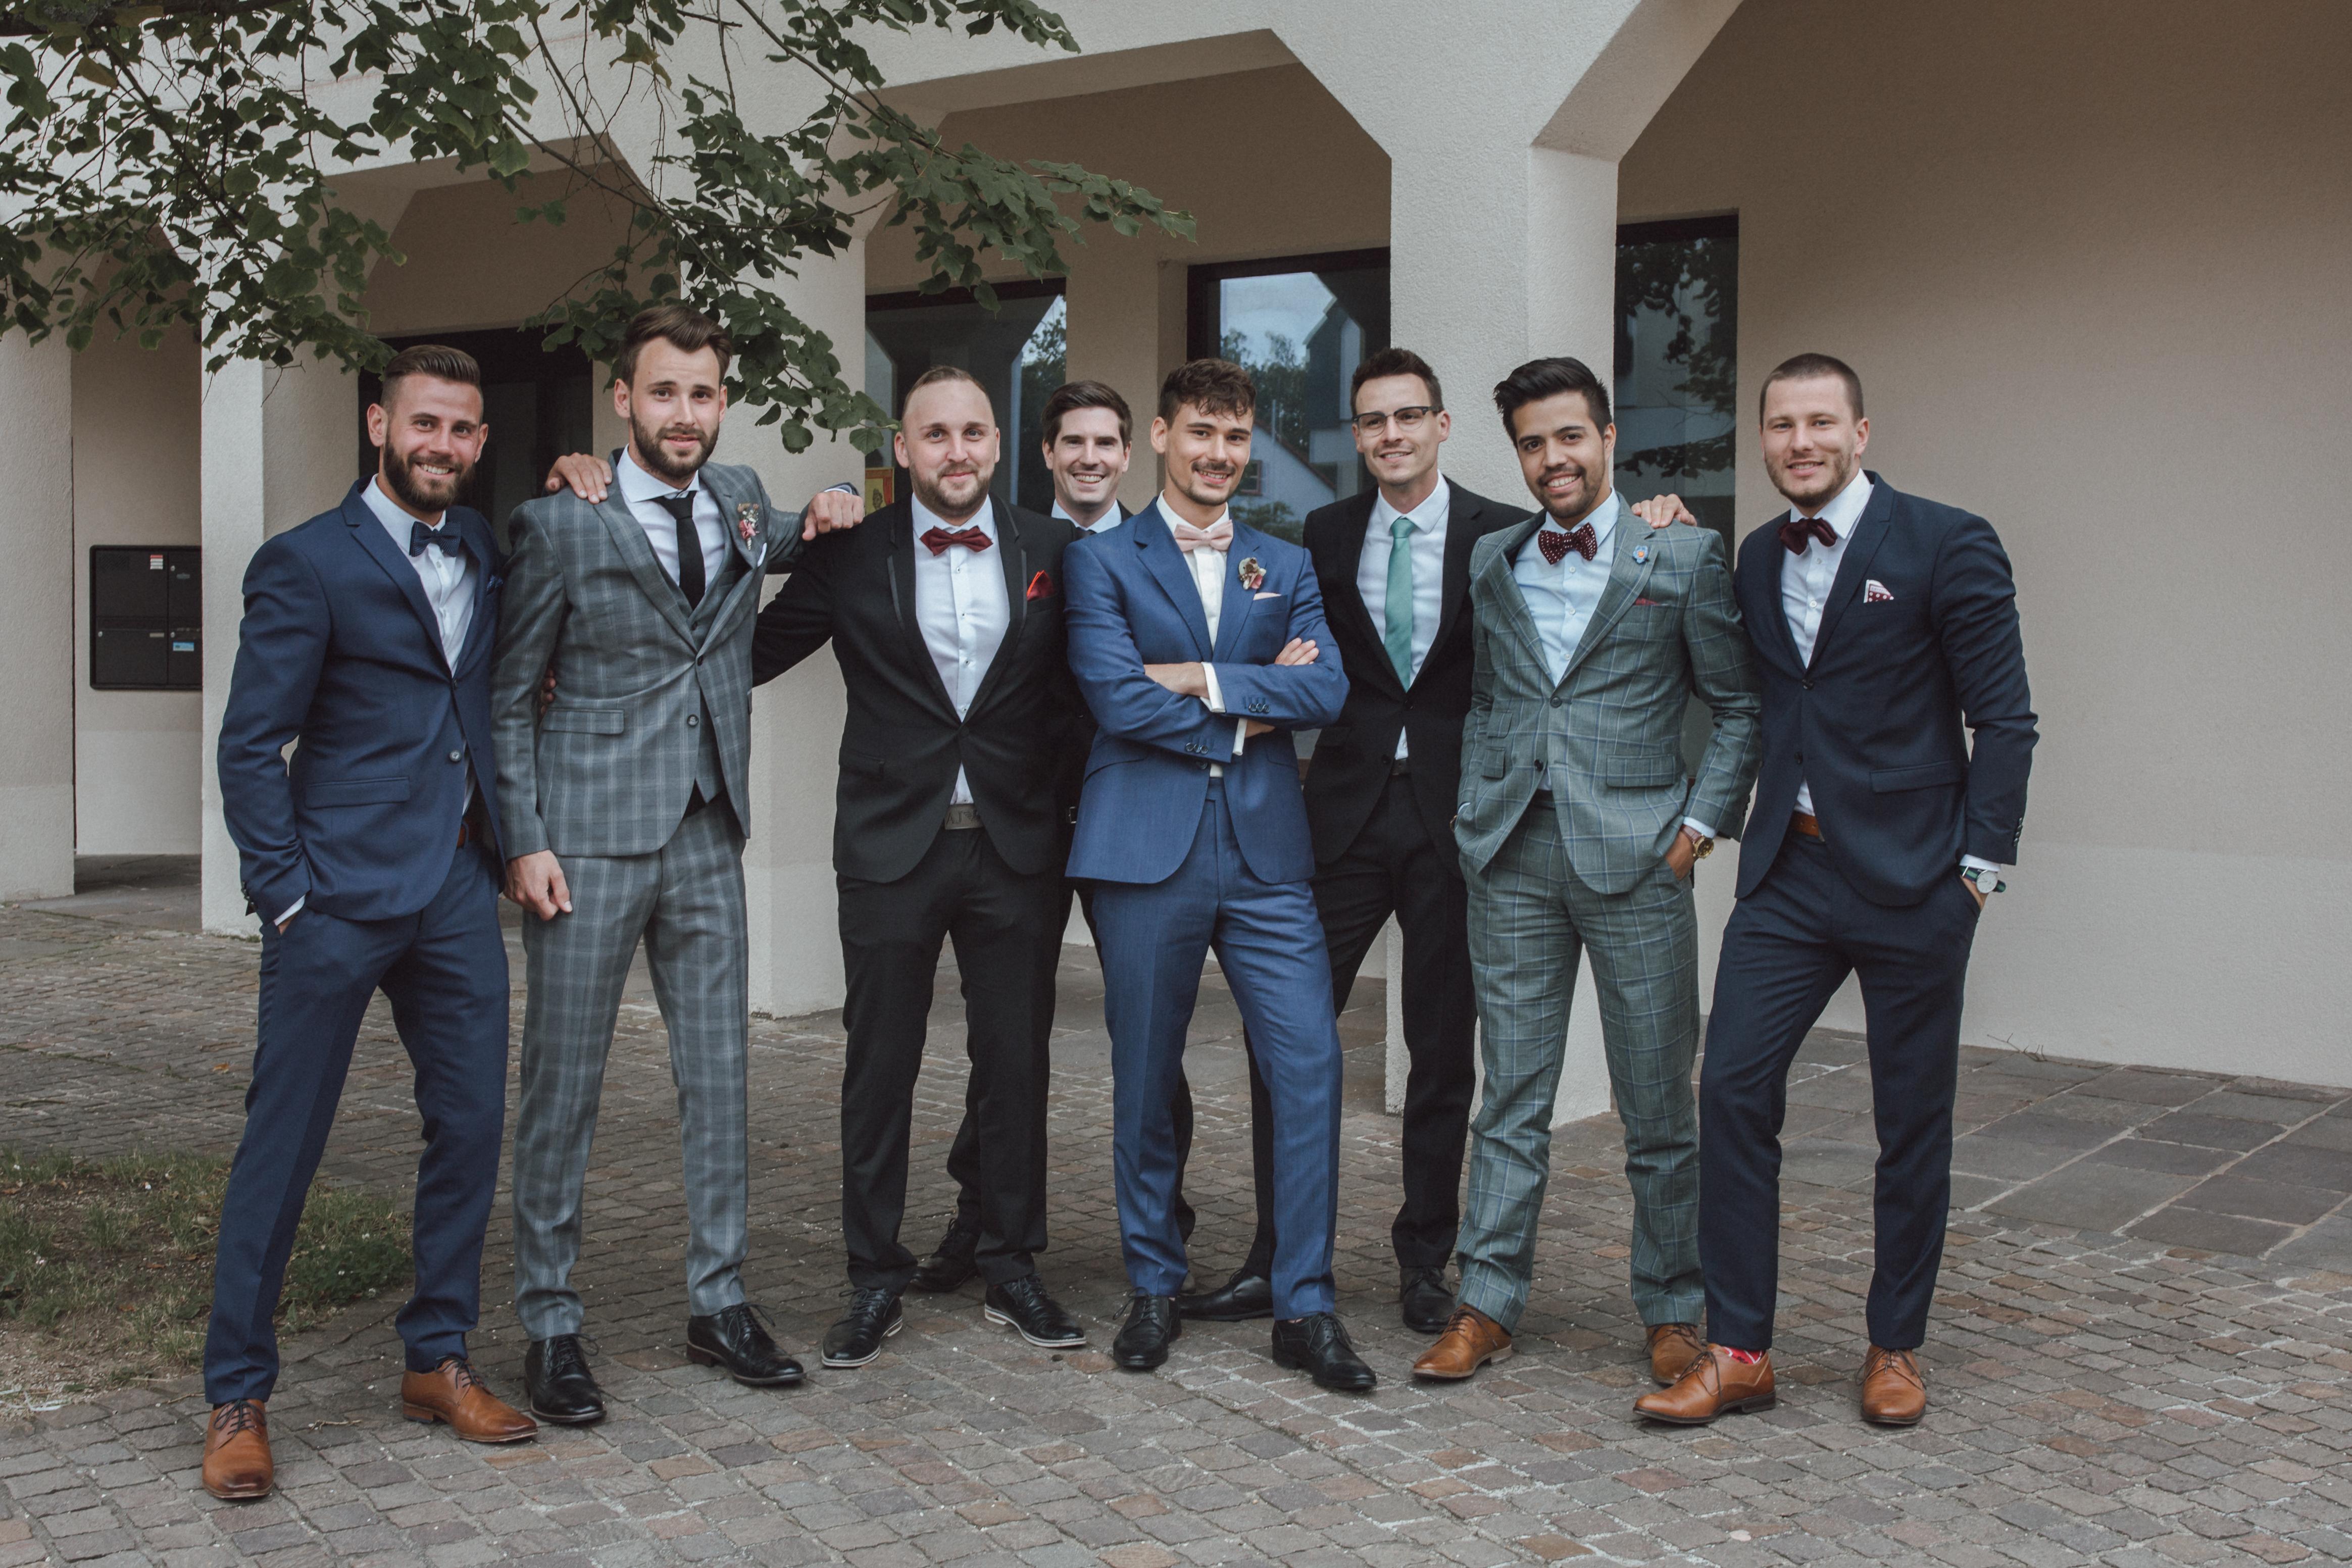 URBANERIE_Daniela_Goth_Hochzeitsfotografin_Nürnberg_Fürth_Erlangen_Schwabach_170715_0896